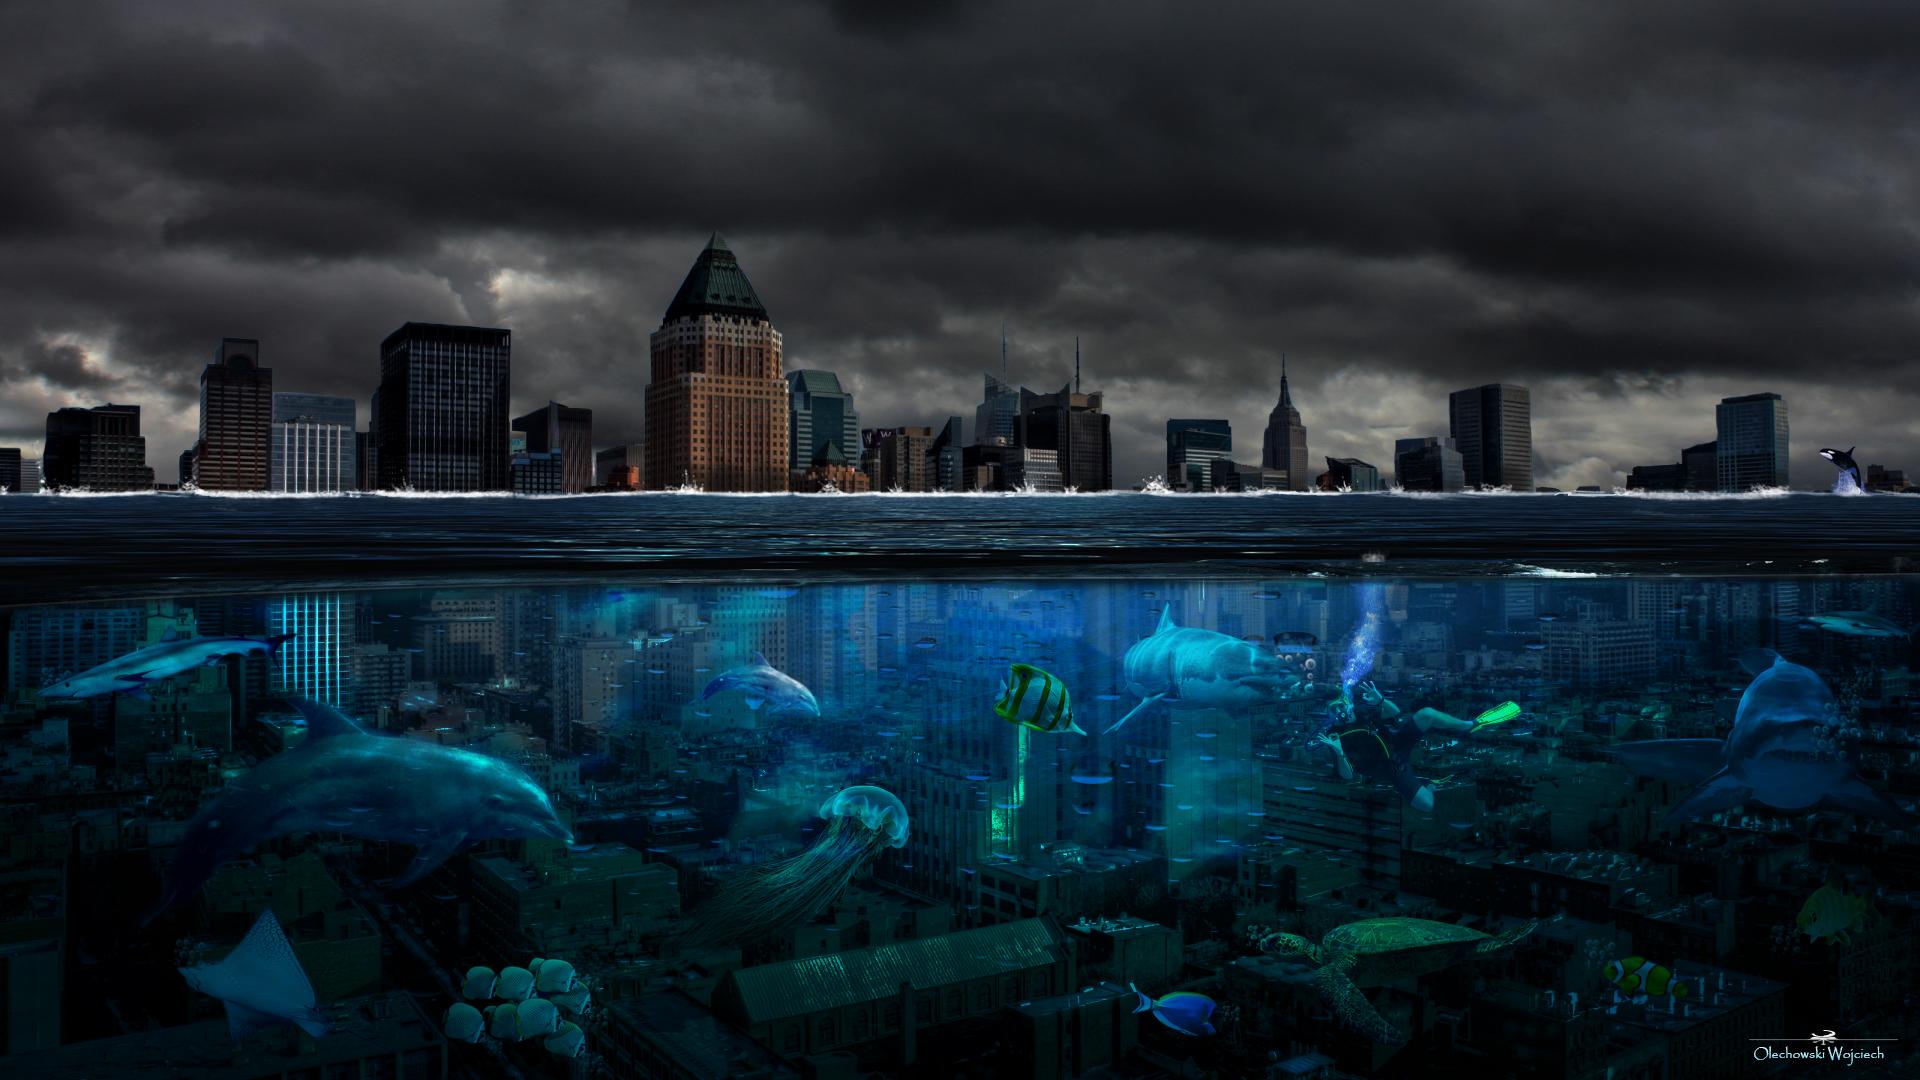 1325956-1920x1080-NY-under-water.jpg